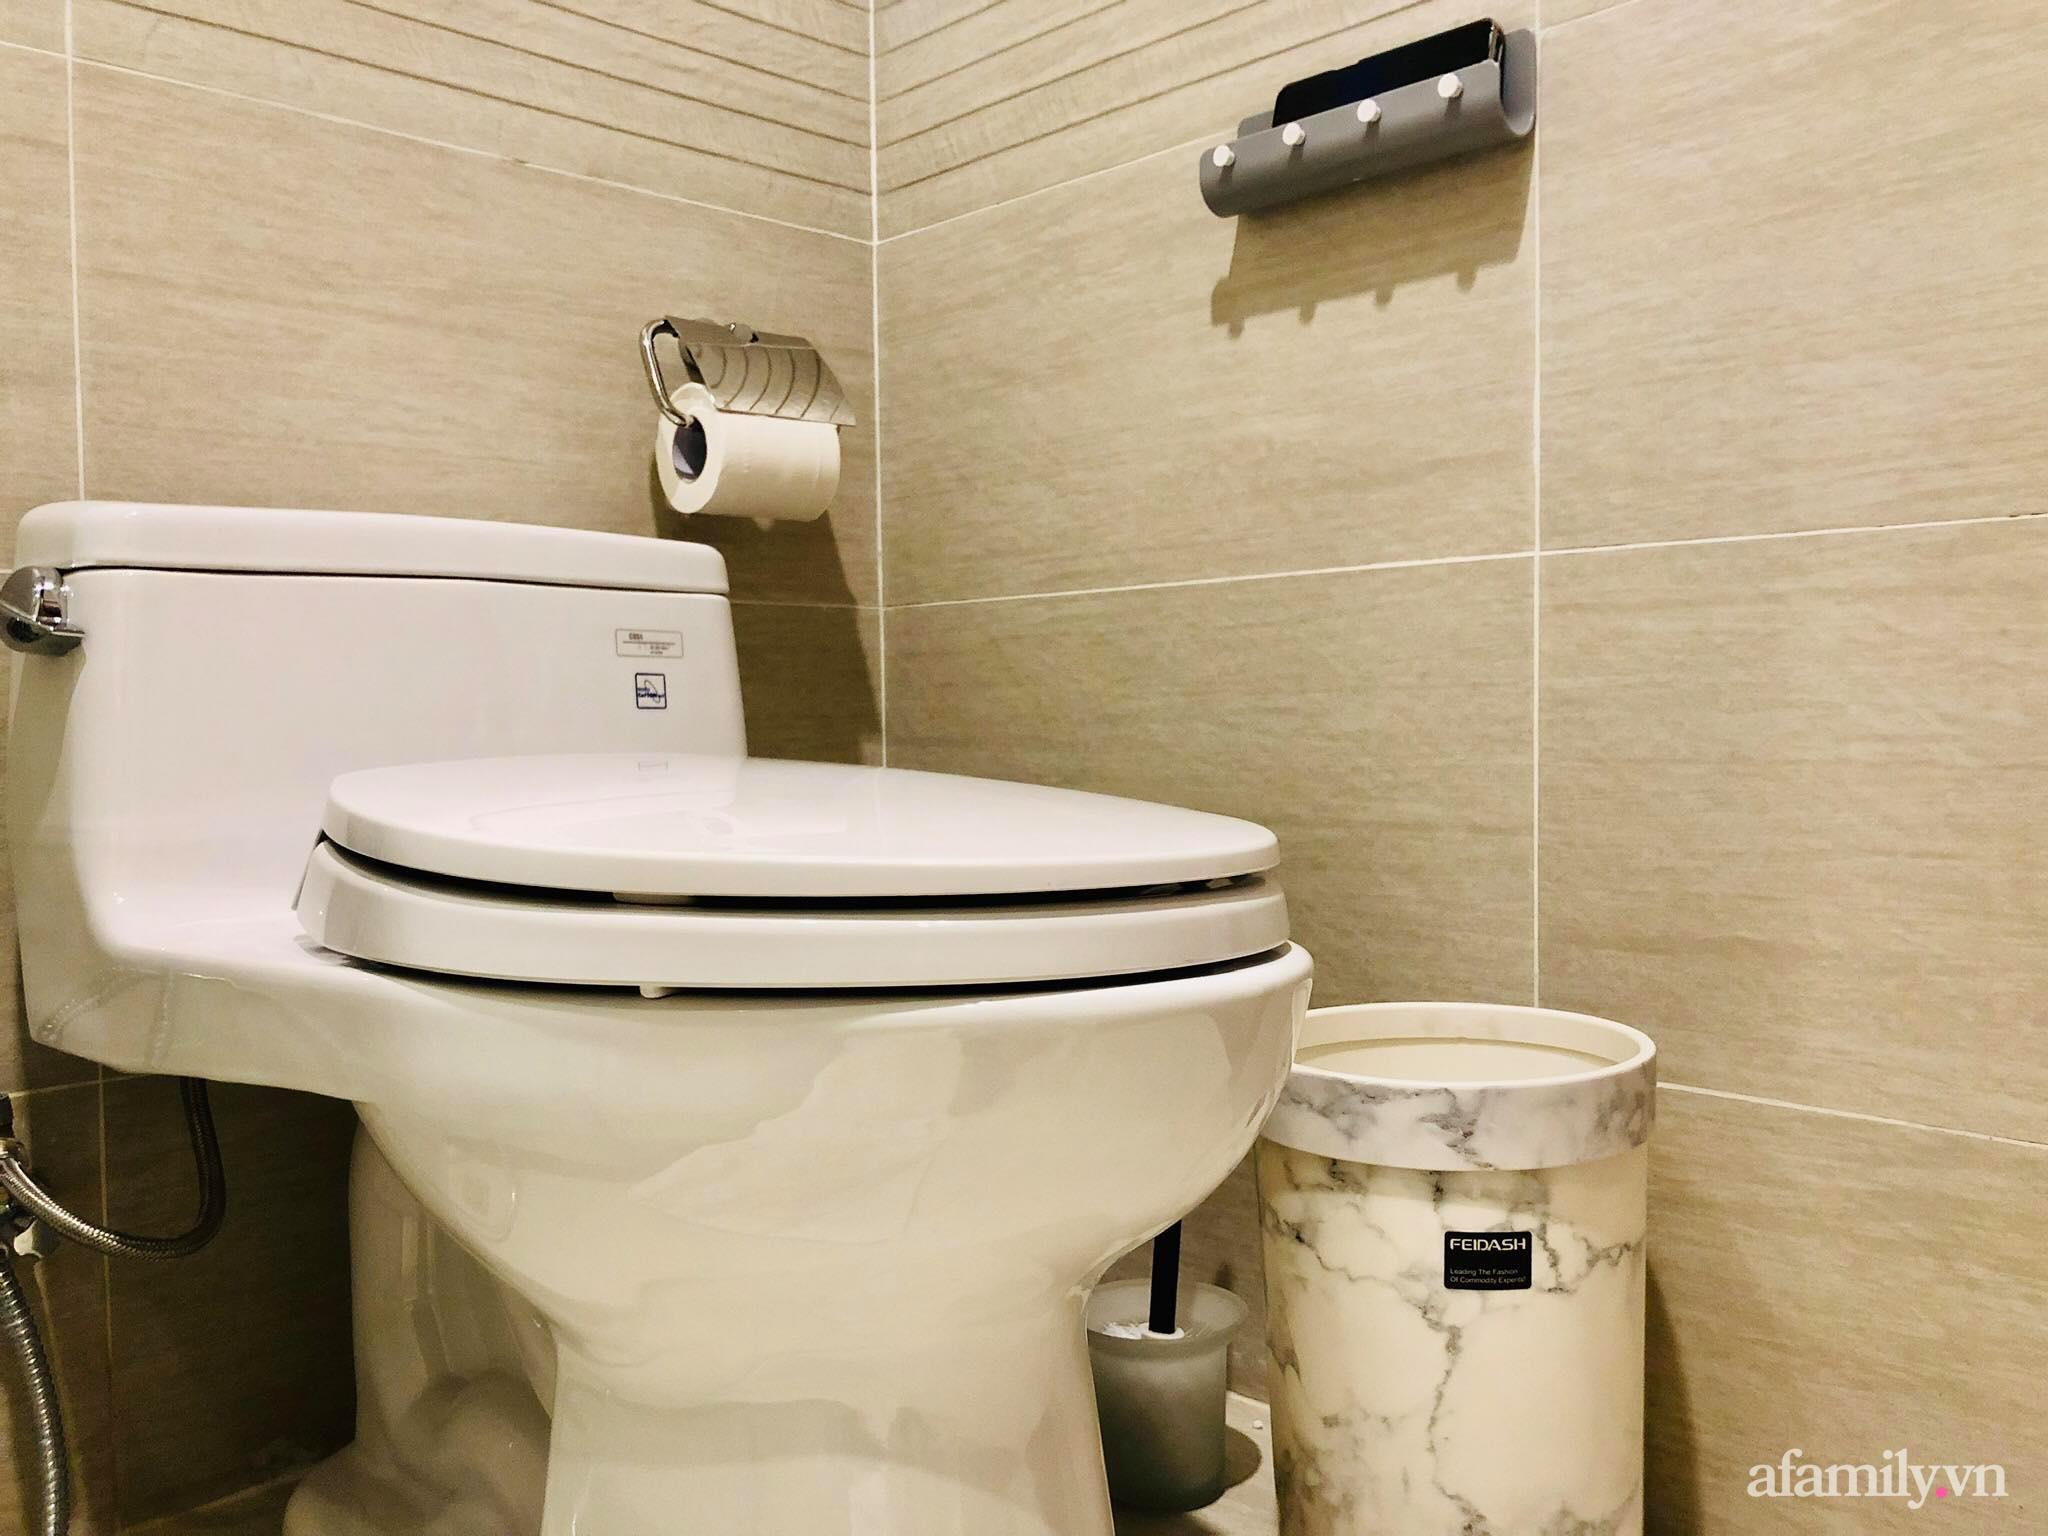 Căn hộ 28m² đẹp từng centimet với cách lựa chọn nội thất thông minh, hiện đại có chi phí hoàn thiện 100 triệu đồng ở Hà Nội - Ảnh 18.